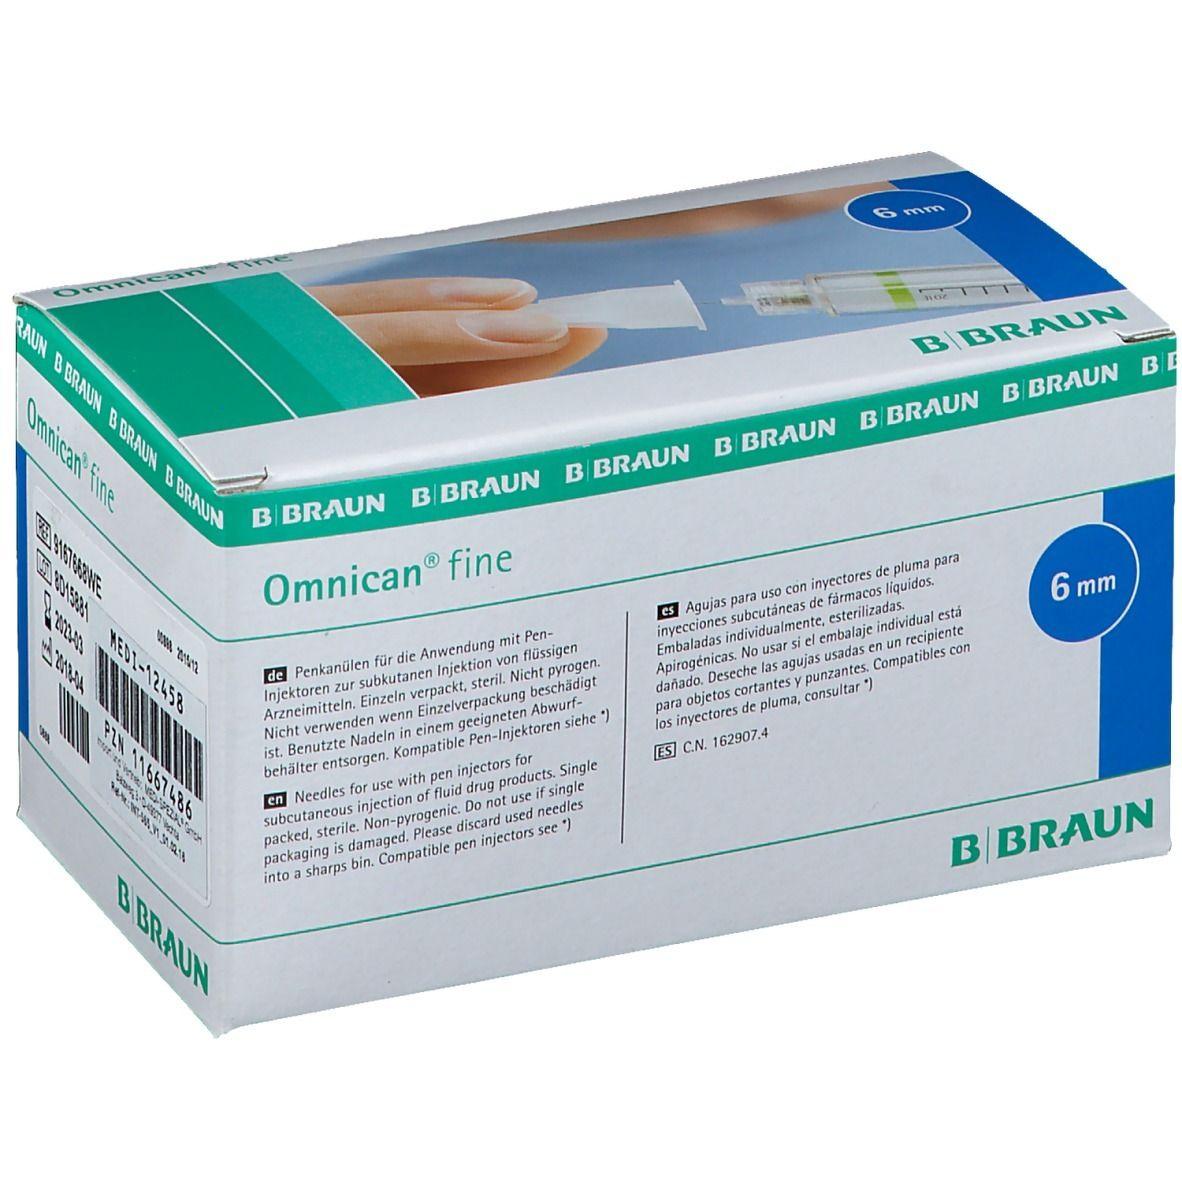 OMNICAN FINE PEN KA 0.25X6